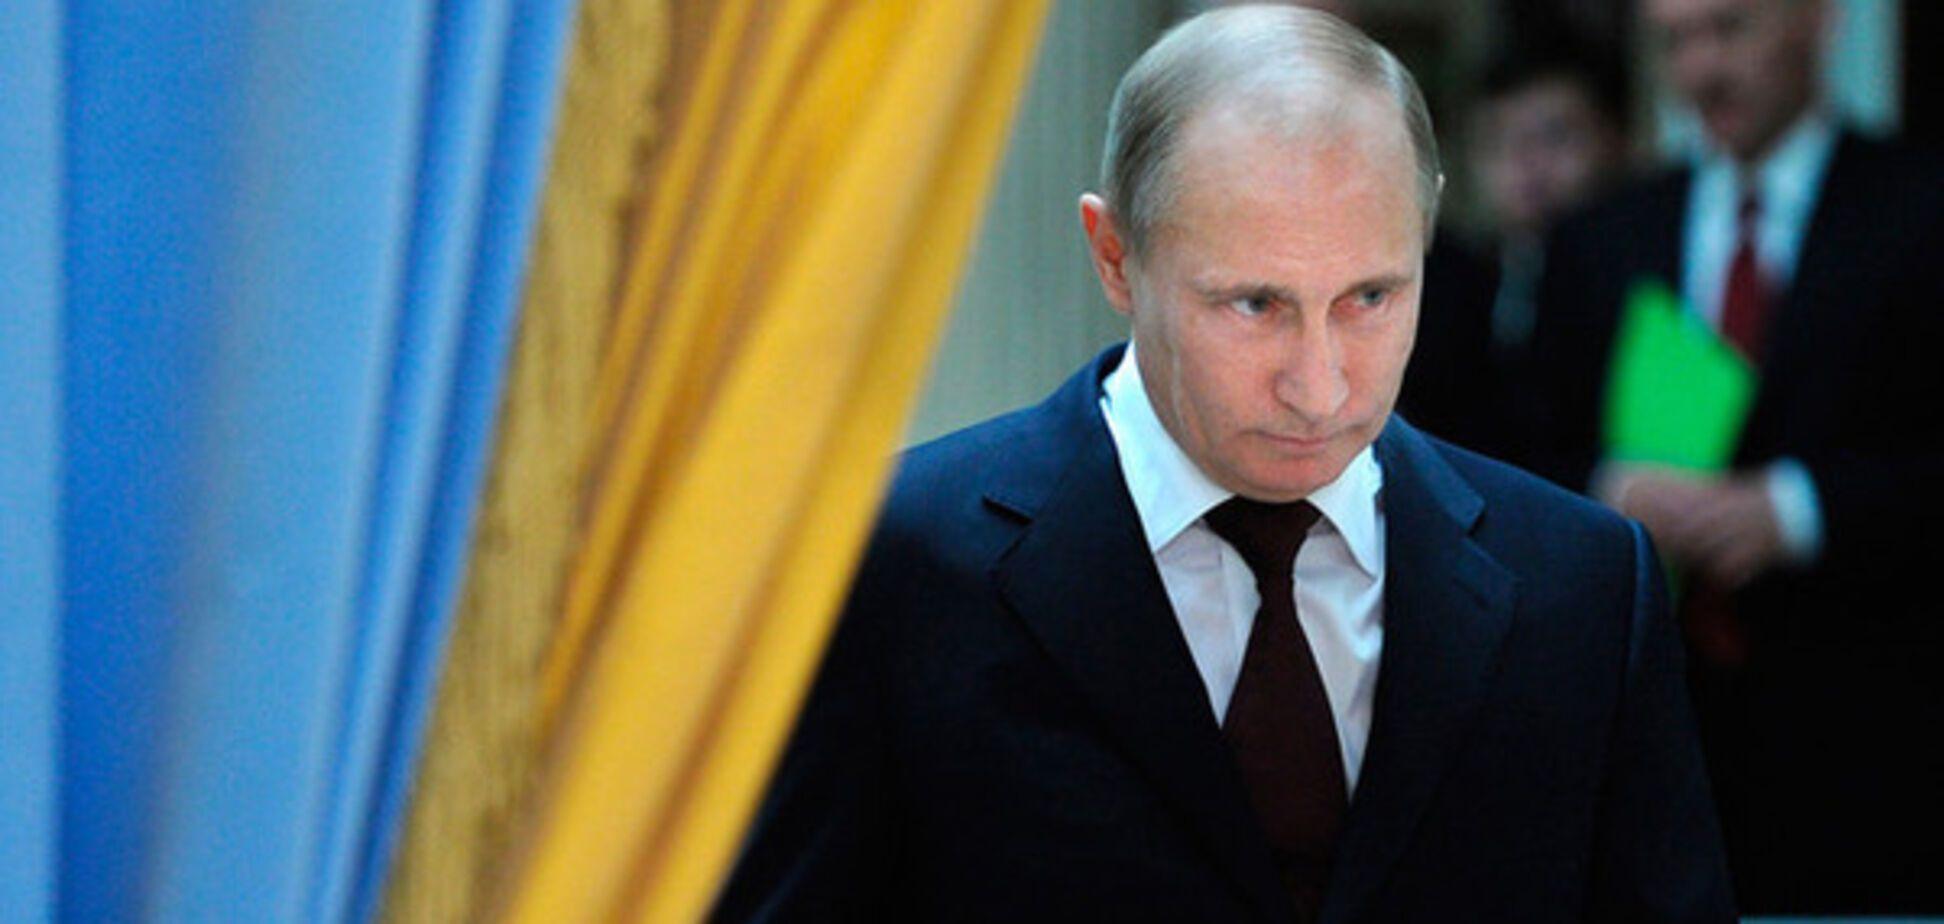 Кремль даже не подозревает, что его ждет